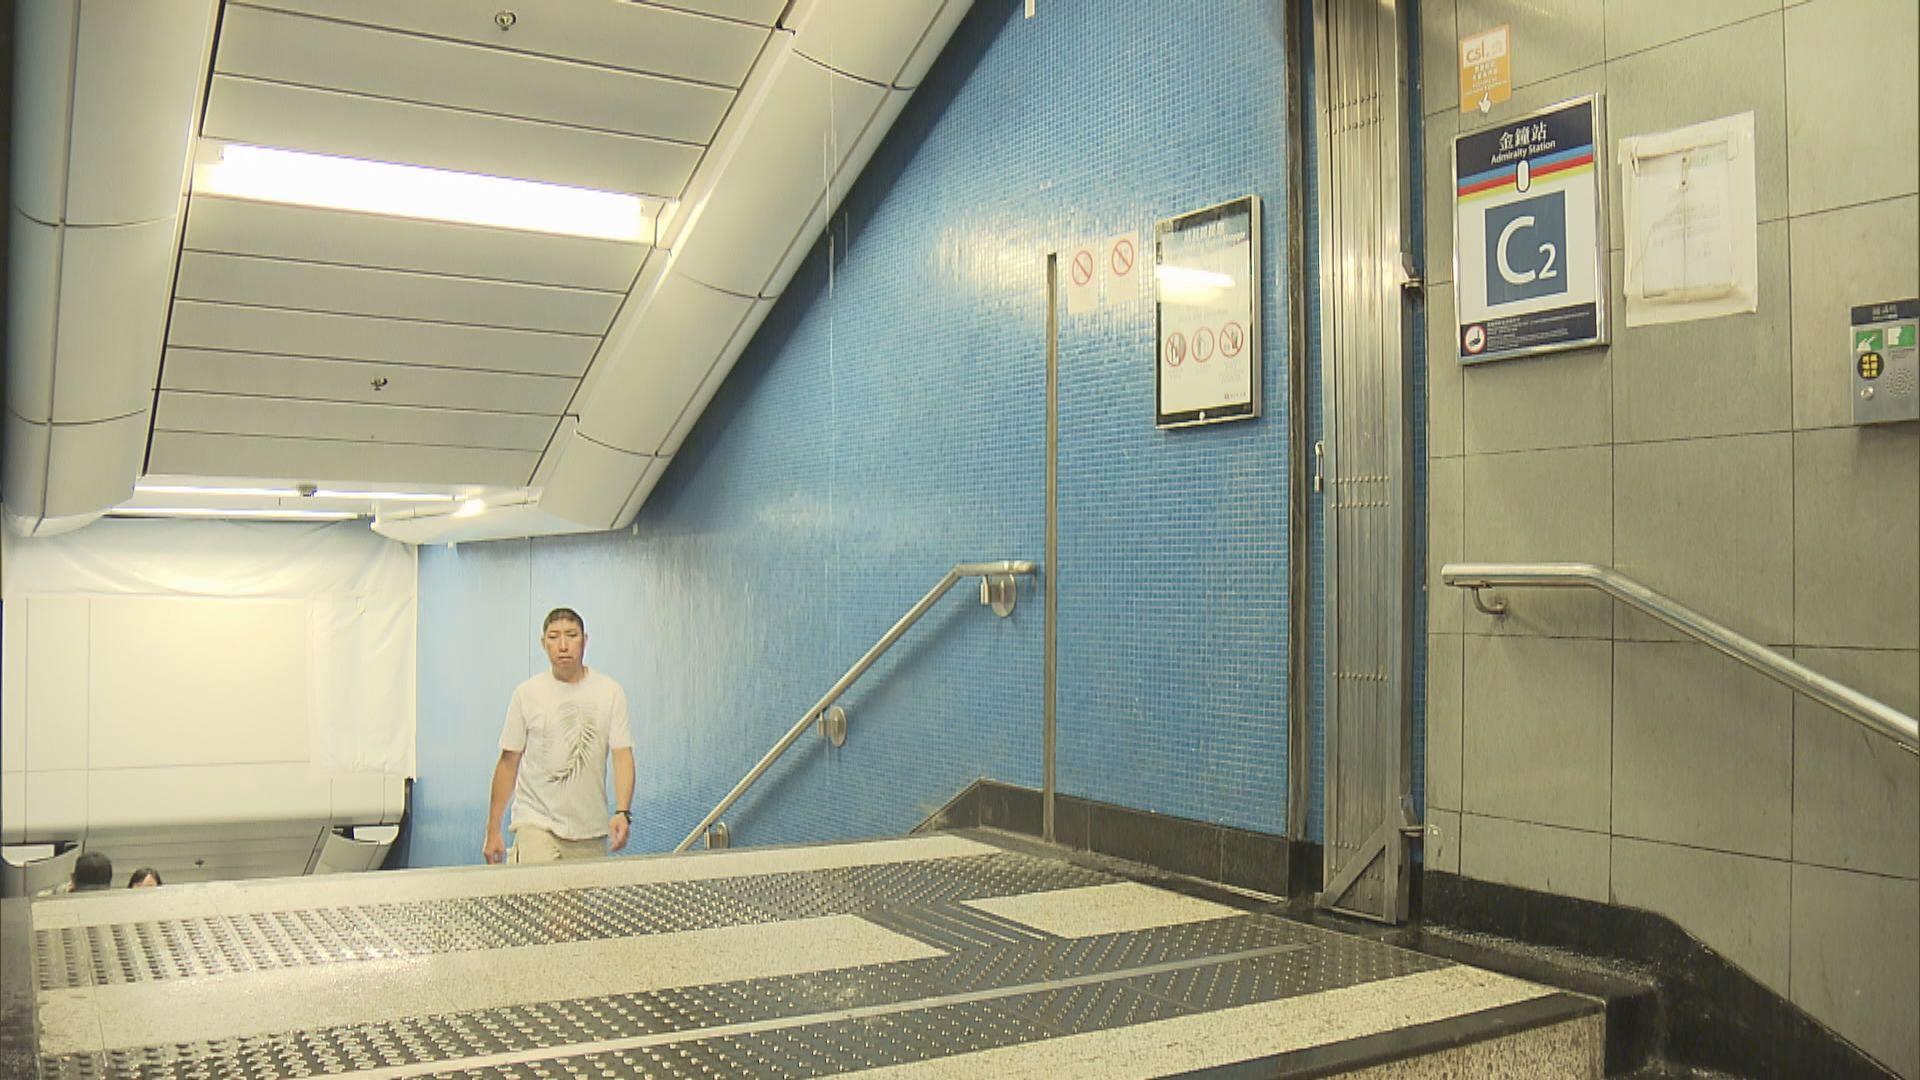 金鐘灣仔及銅鑼灣站重開 港鐵列車服務正常